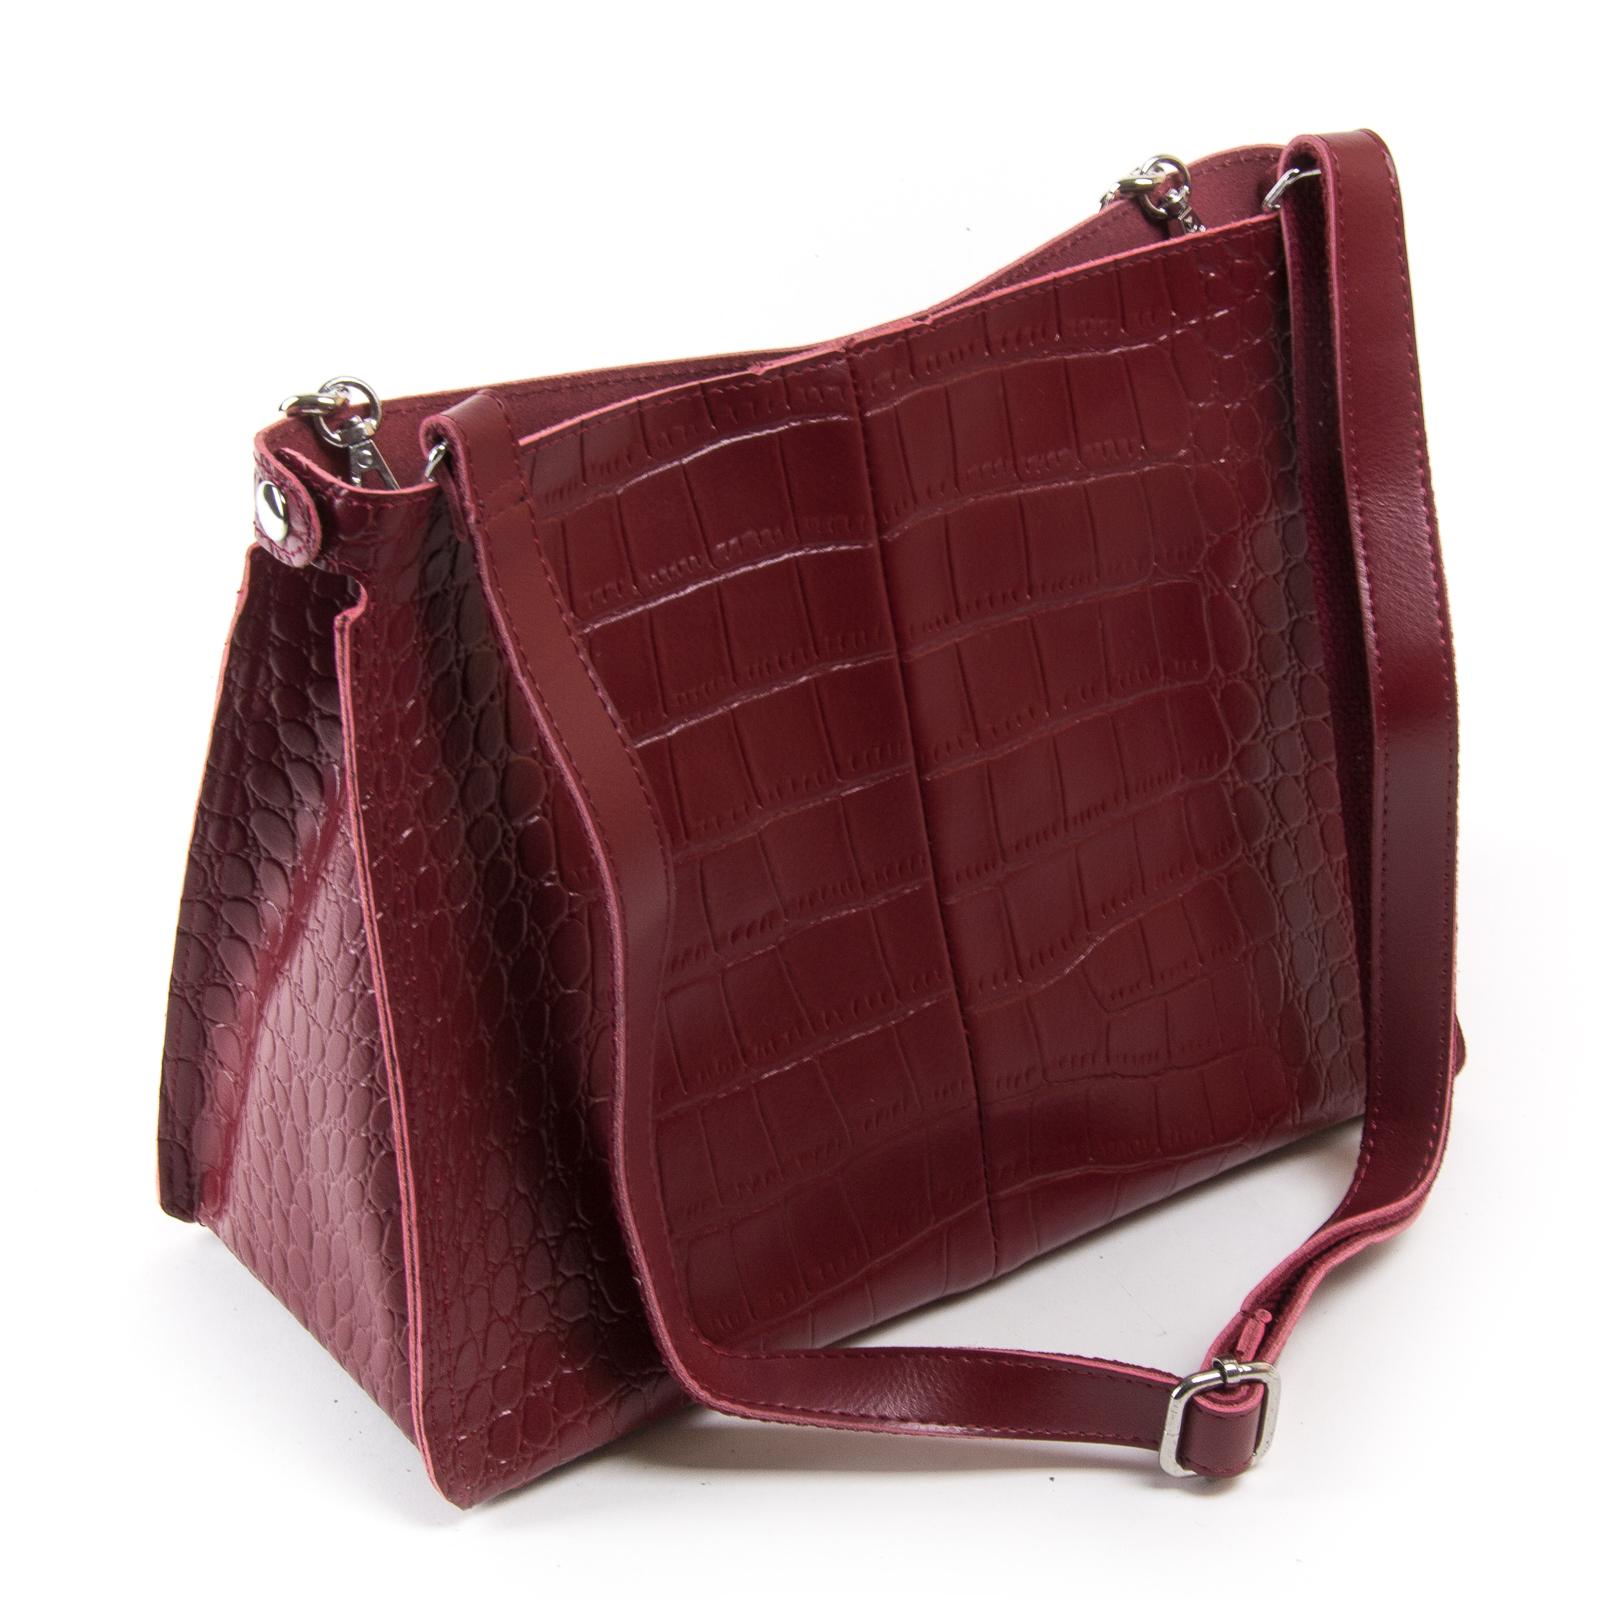 Сумка Женская Классическая кожа ALEX RAI 07-01 3202 l-red - фото 4